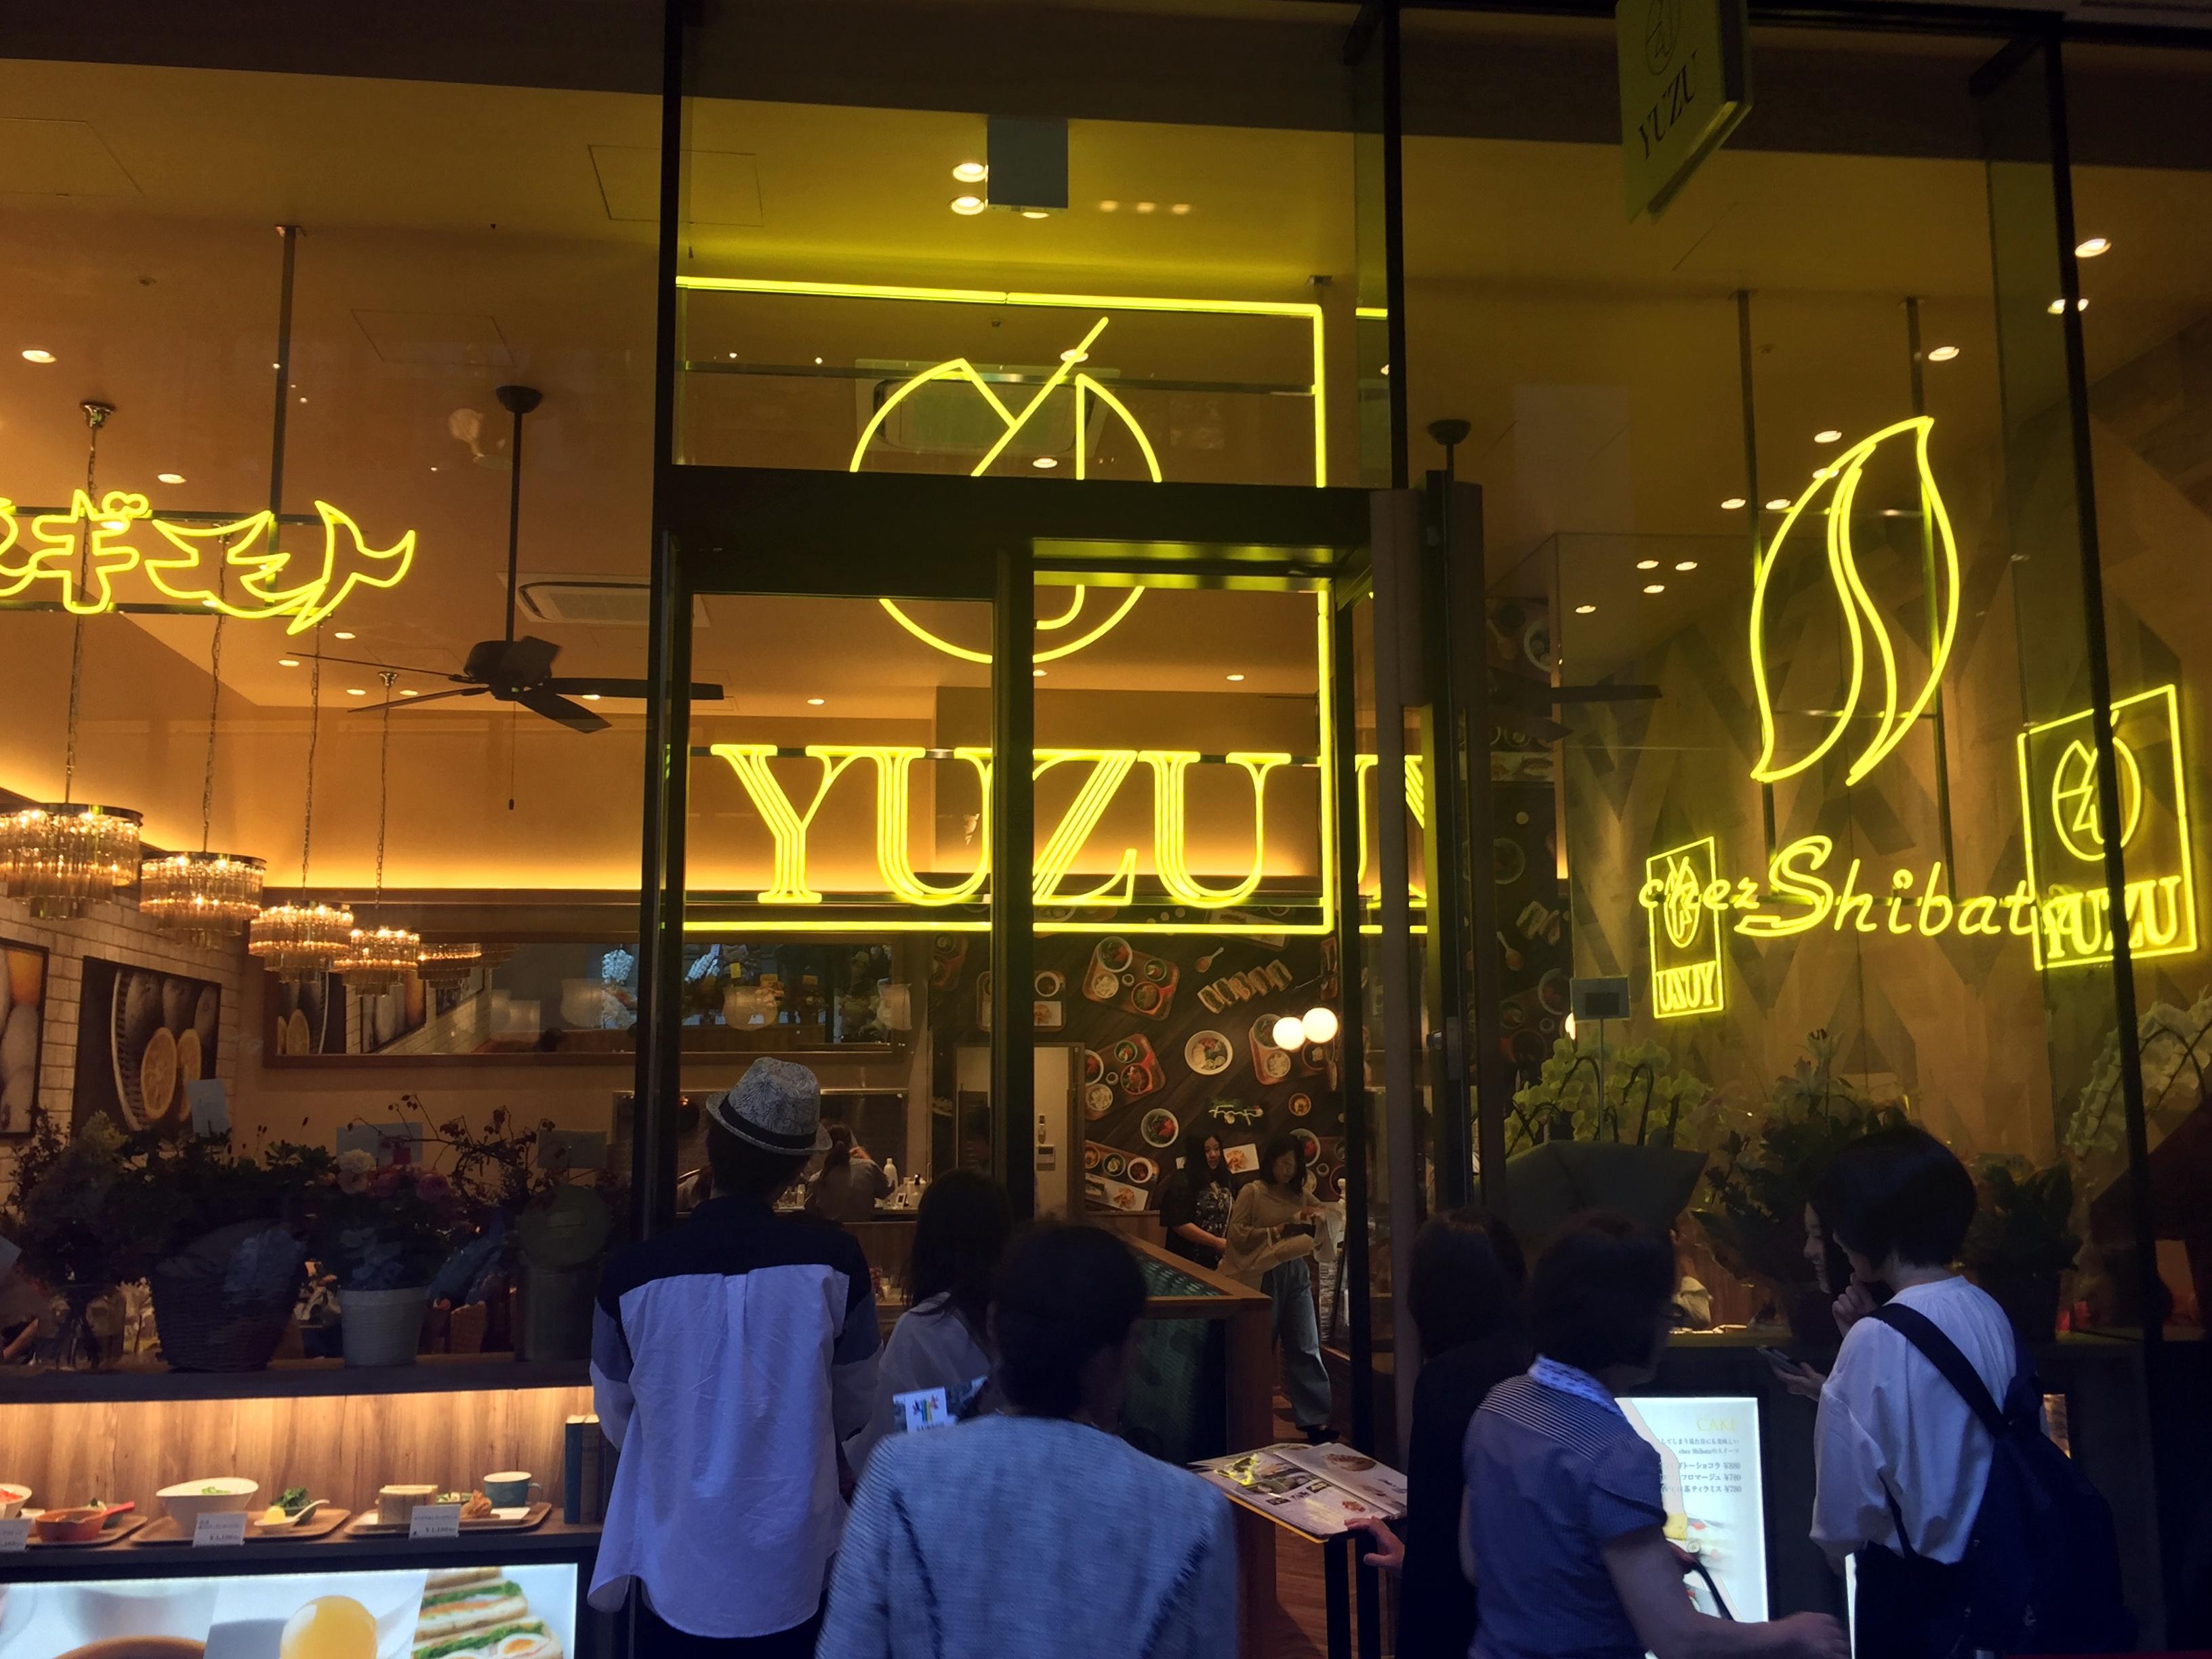 『グローバルゲート』名古屋初・新業態の気になるレストラン&ショップを紹介 - IMG 7701